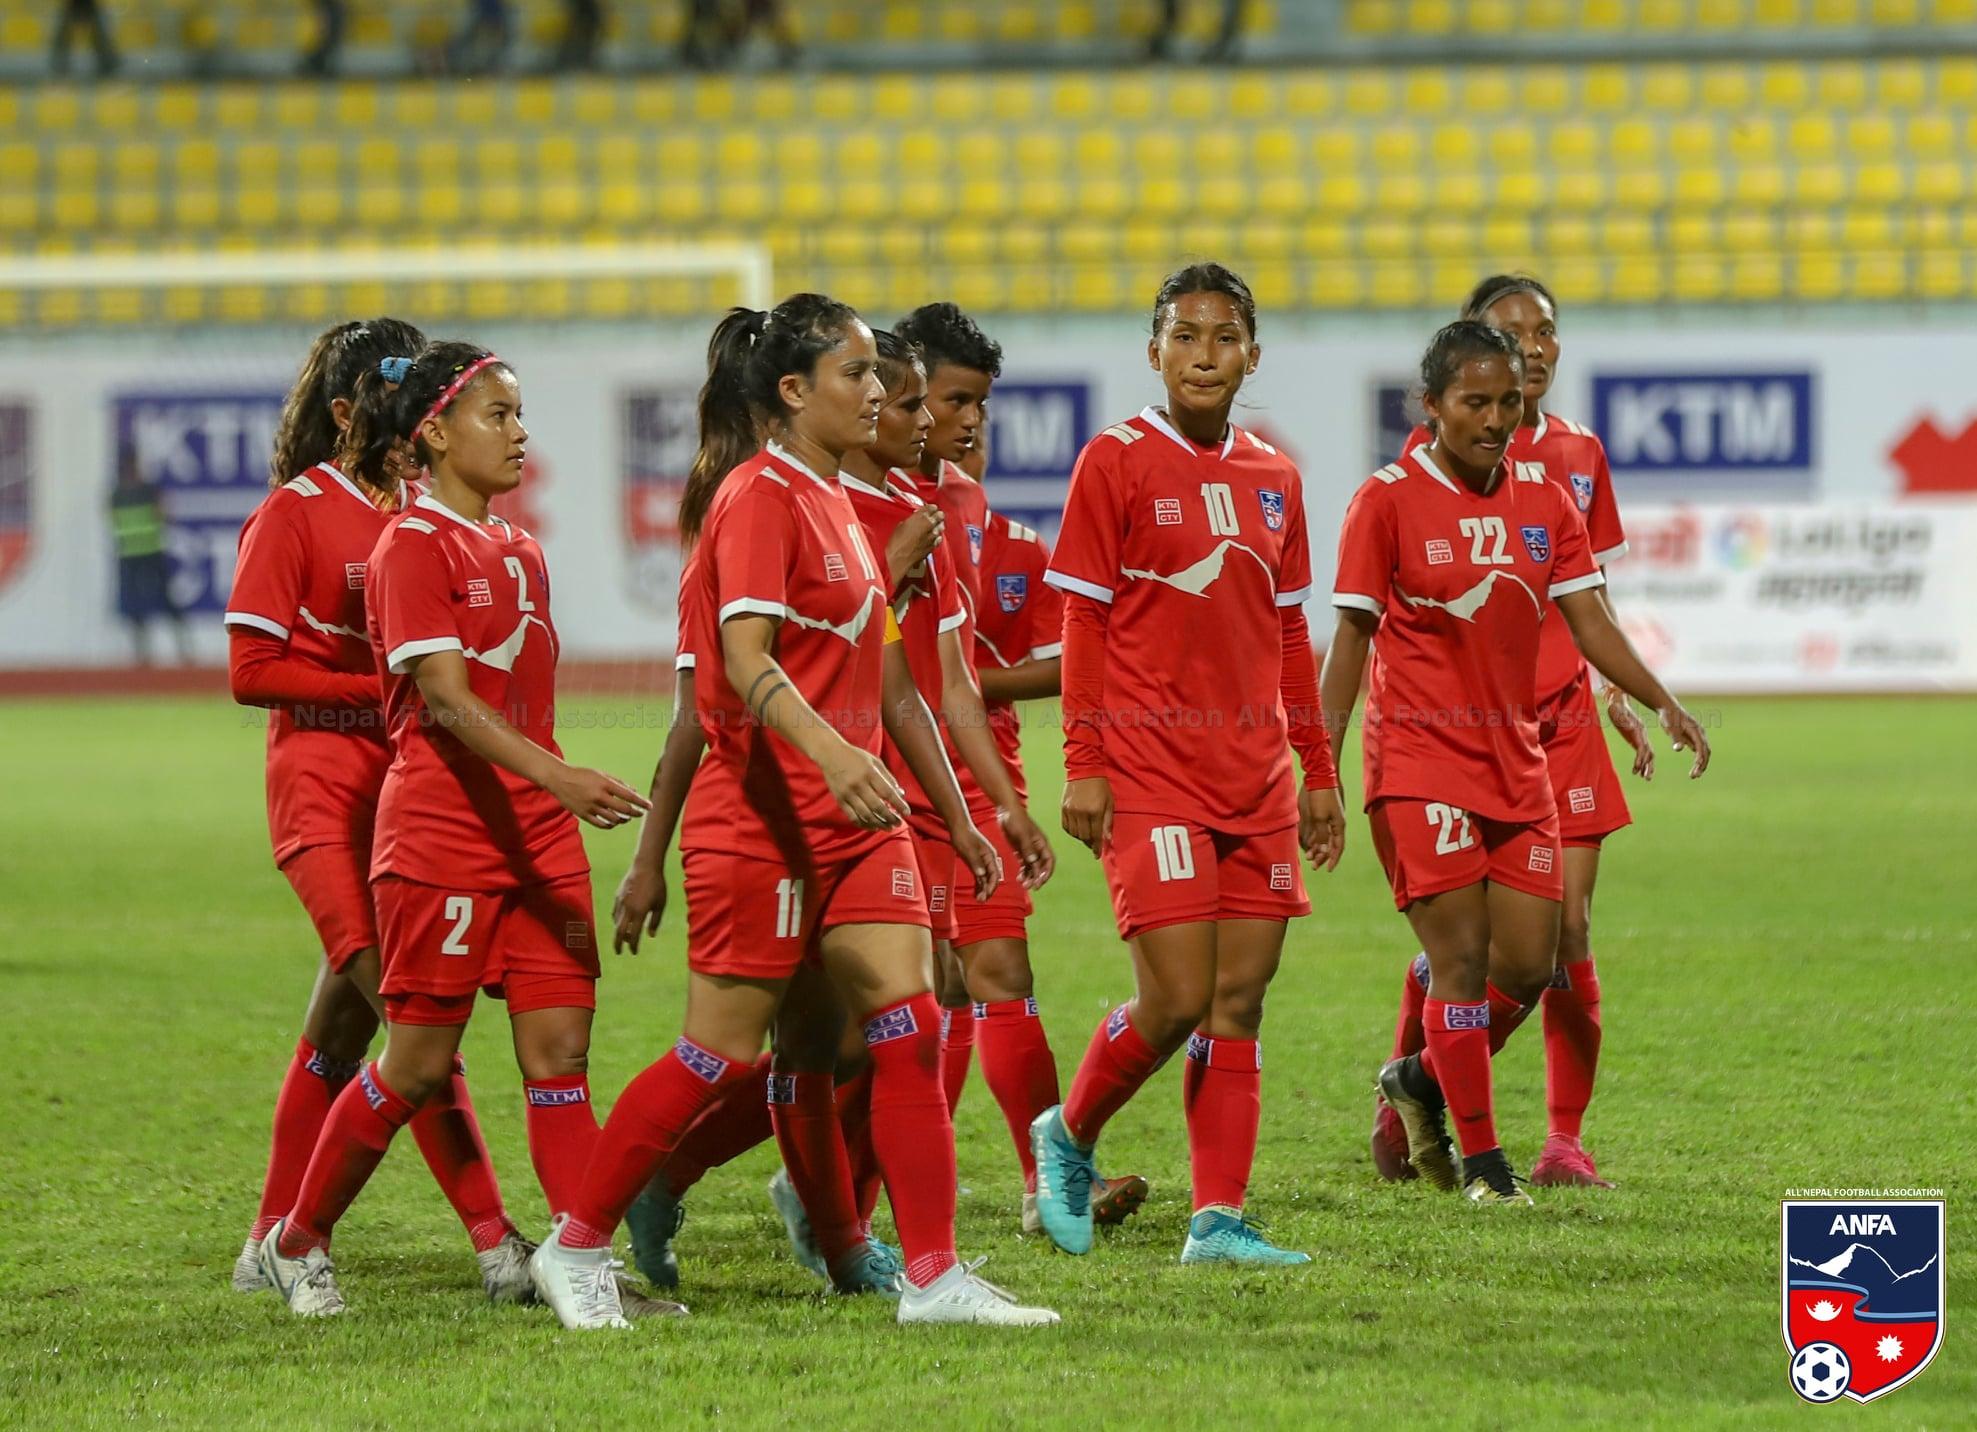 एएफसी महिला एसियान कप छनोट अन्तर्गत समूहको पहिलो खेलमा नेपाल फिलिपिन्ससँग पराजित